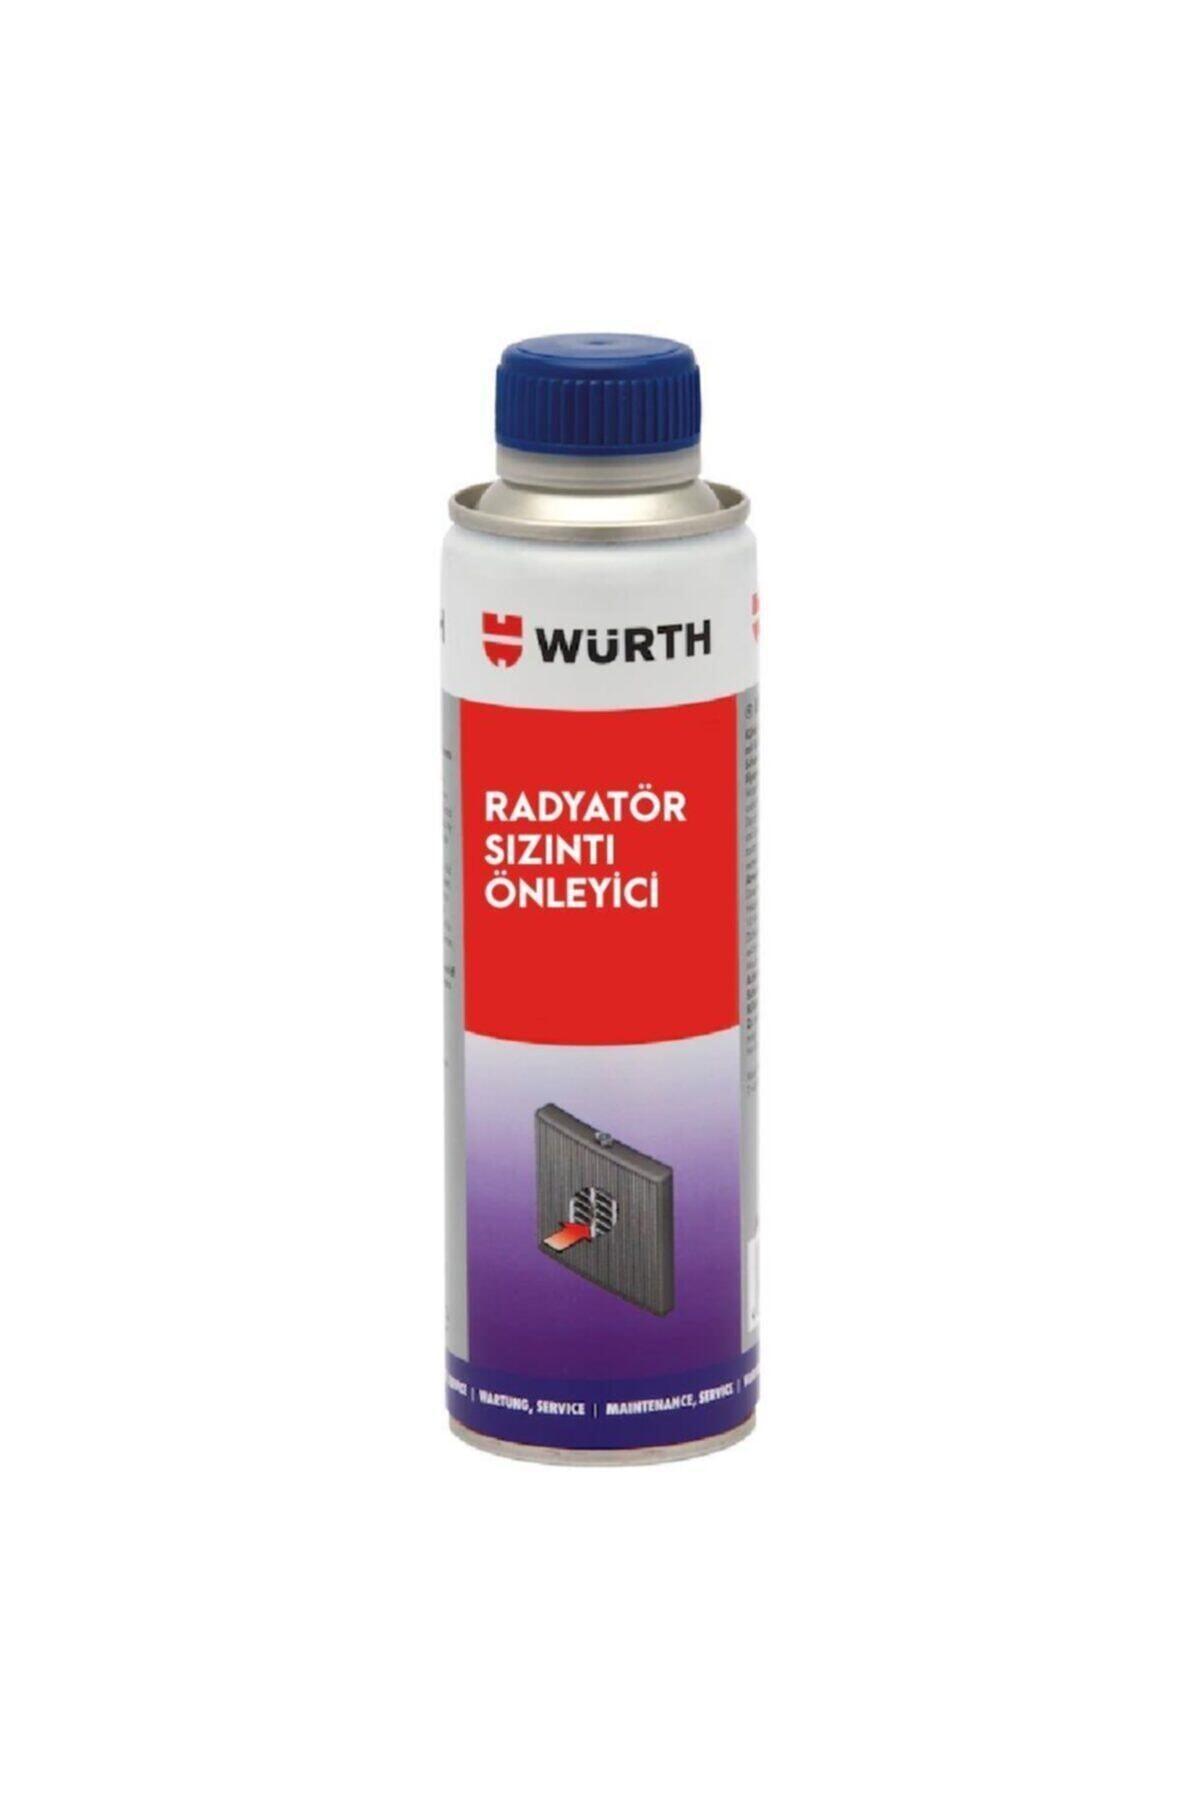 Würth Radyatör Sızıntı Önleyici Tıkayıcı 300 ml 1